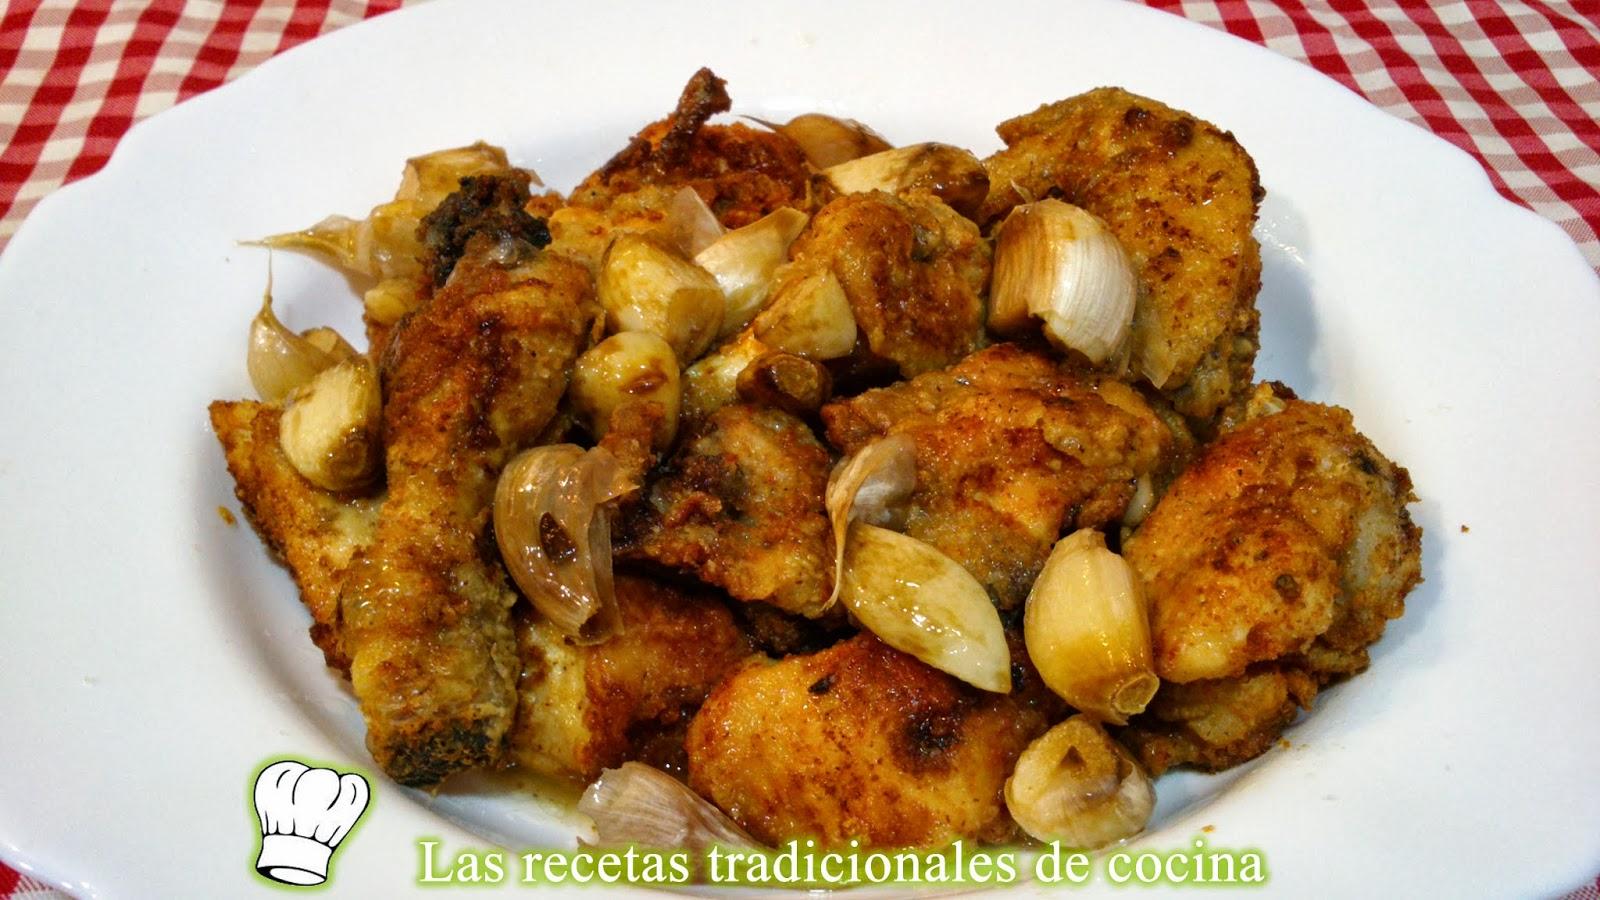 Receta f cil y r pida de pollo al ajo - Cocina rapida y facil ...